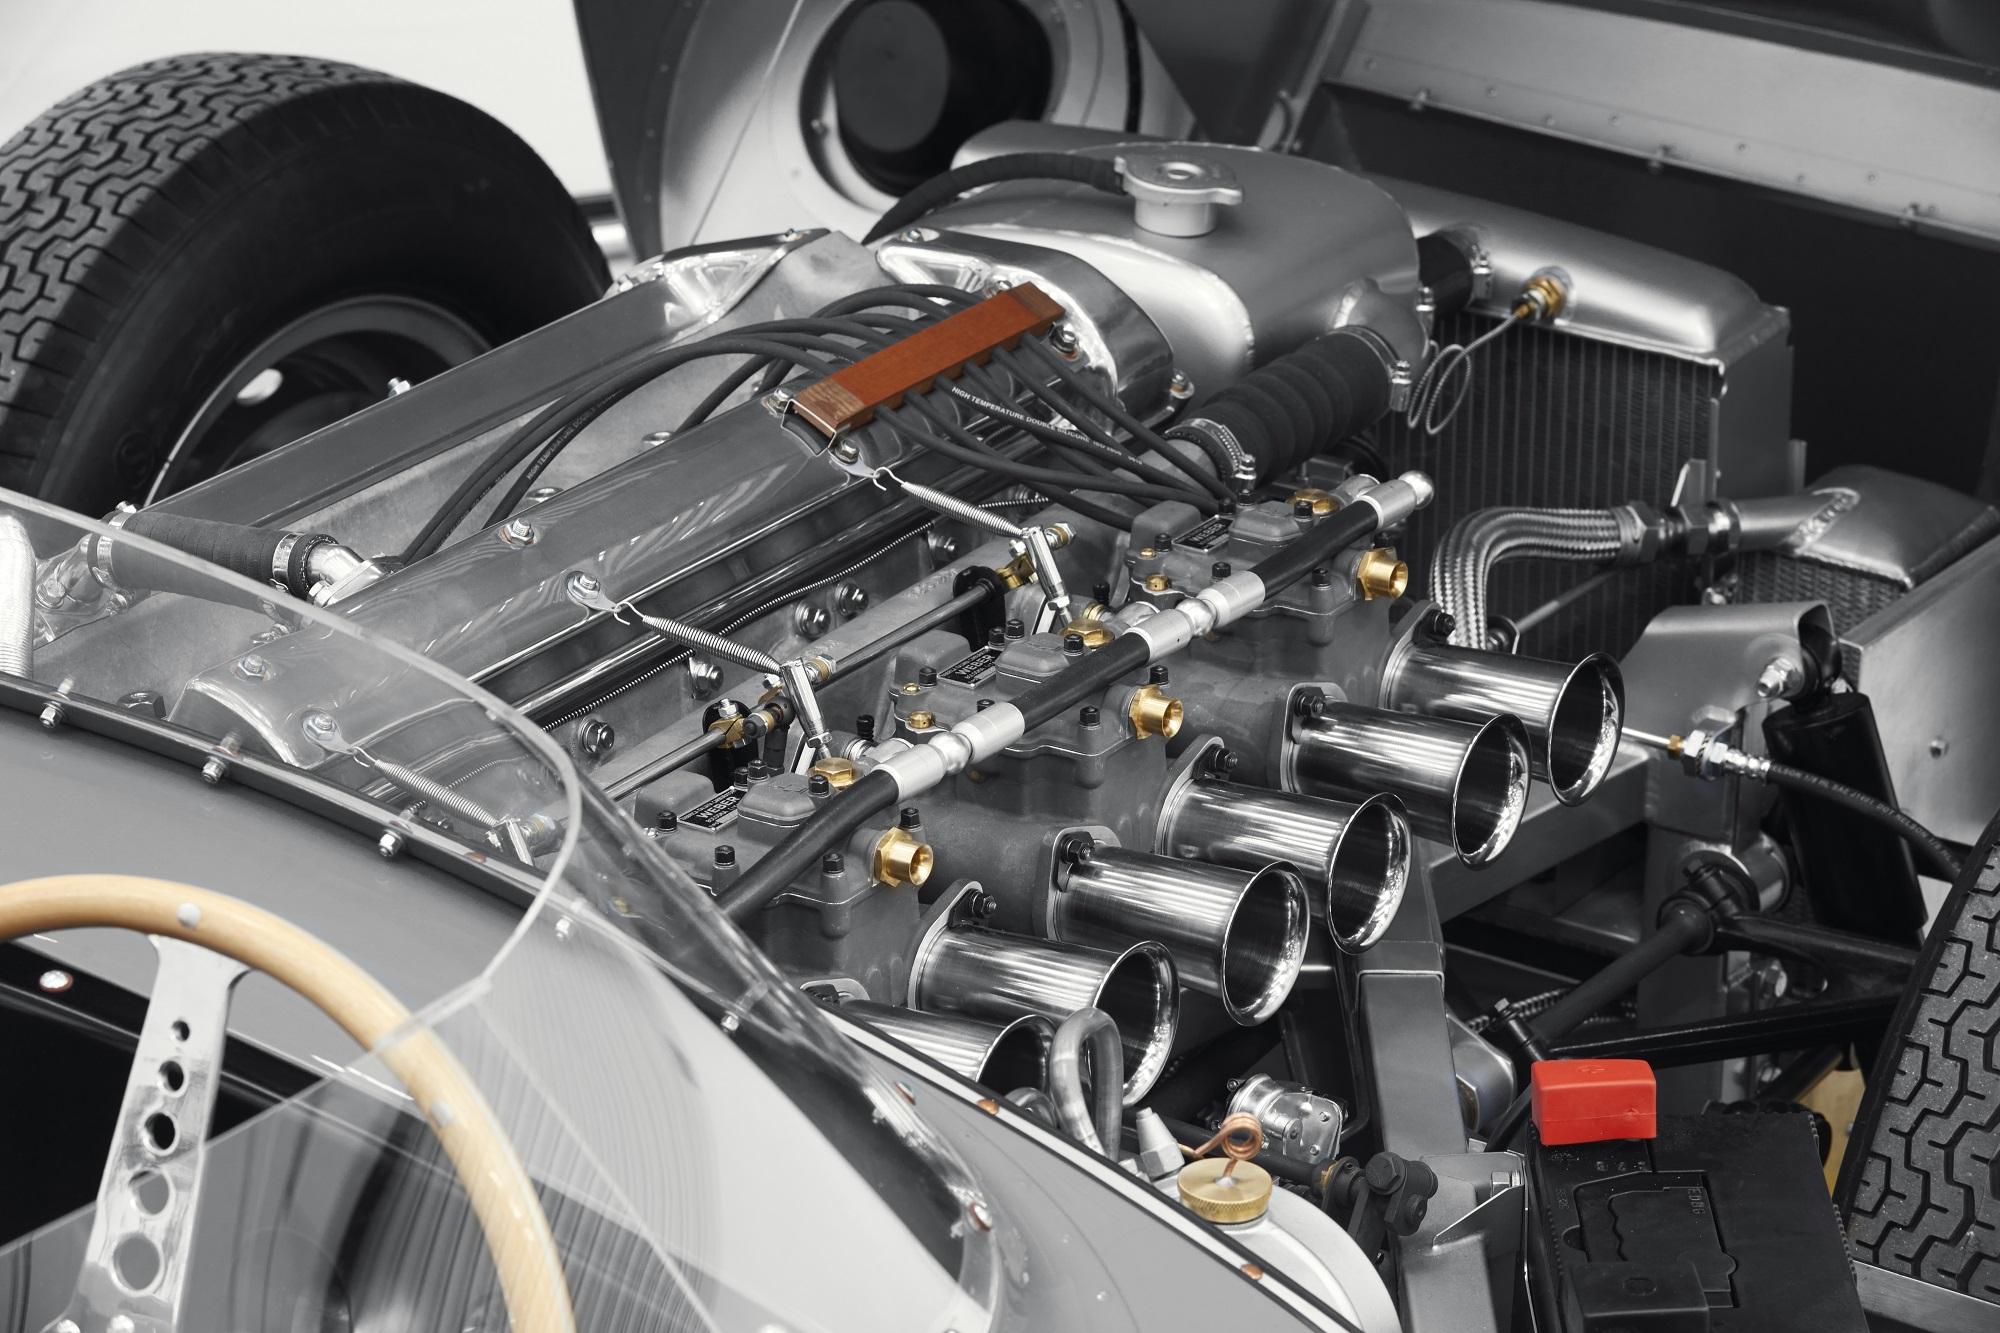 Jaguarforums.com Jaguar Classic D-Type Race Car Reproduction Production News